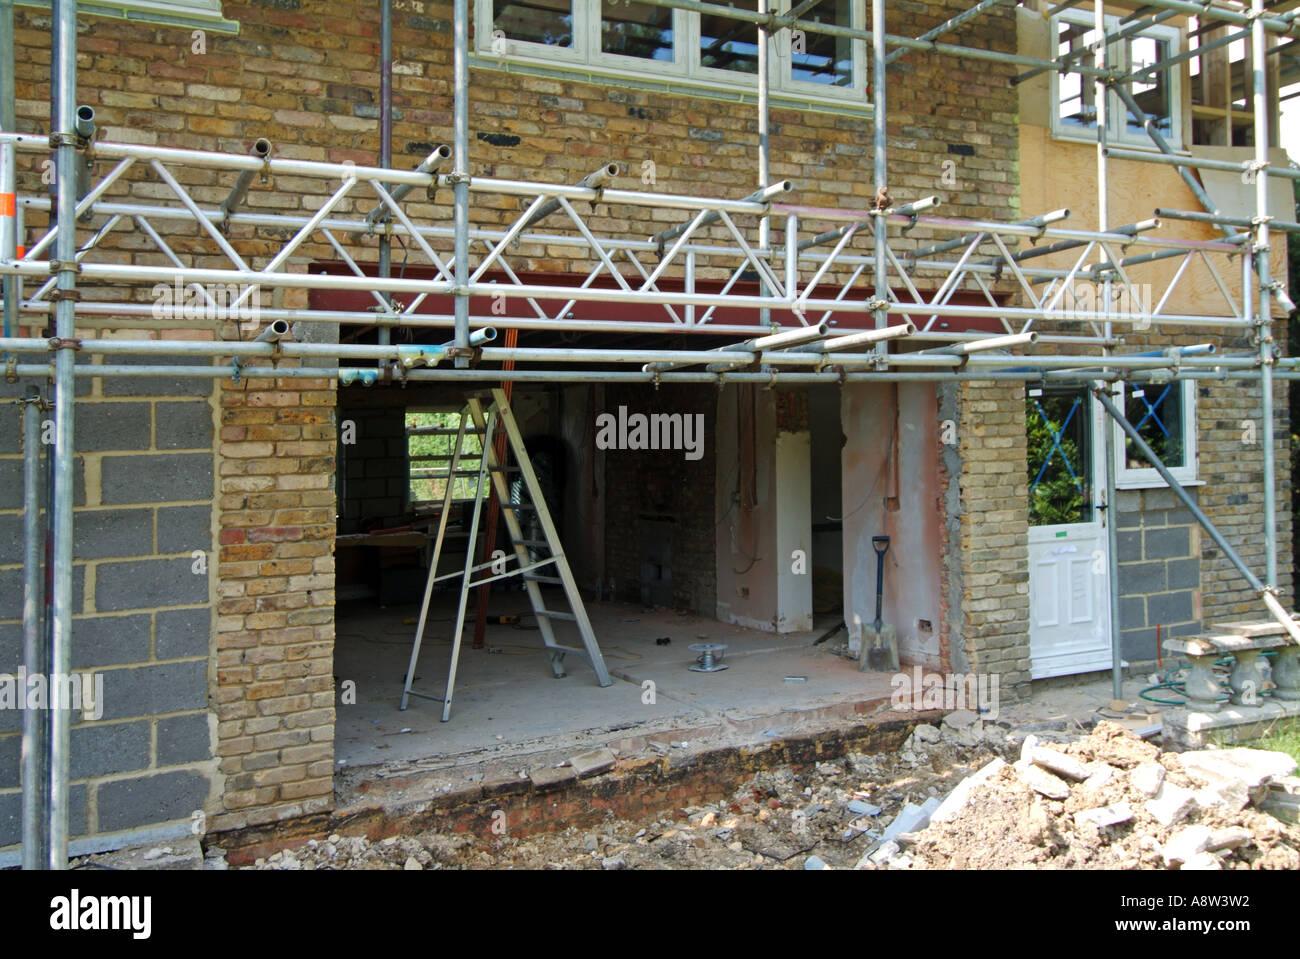 Erweiterung Haus Tür Für Neue Terrassentüren Zeigt Neue Stahlträger Und  Leiter Strahl Gerüst, Um Freien Zugang Zu Erhalten